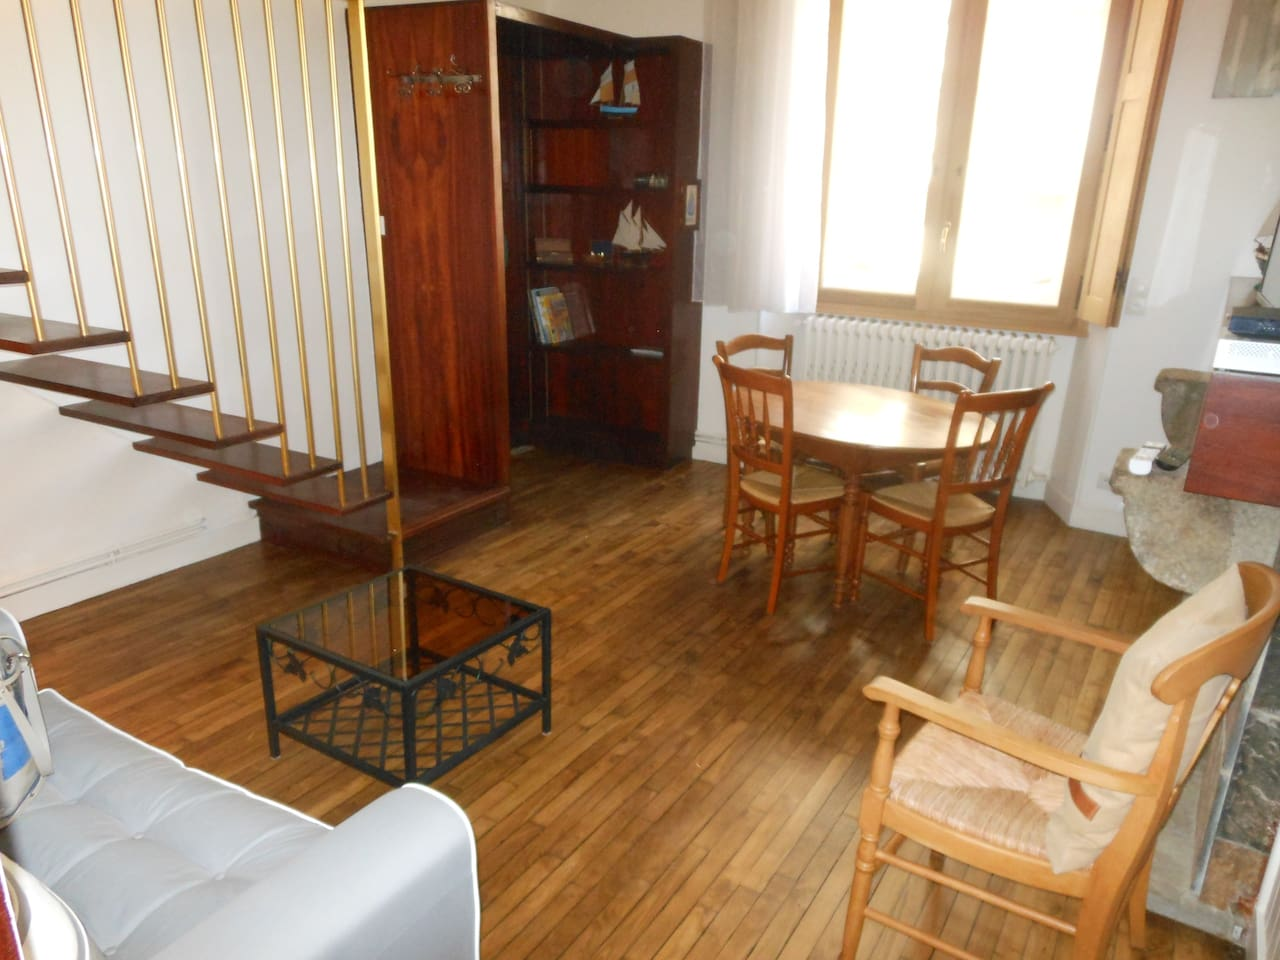 Appartement lumineux grâce à sa fenêtre de plus de 4 m de hauteur.